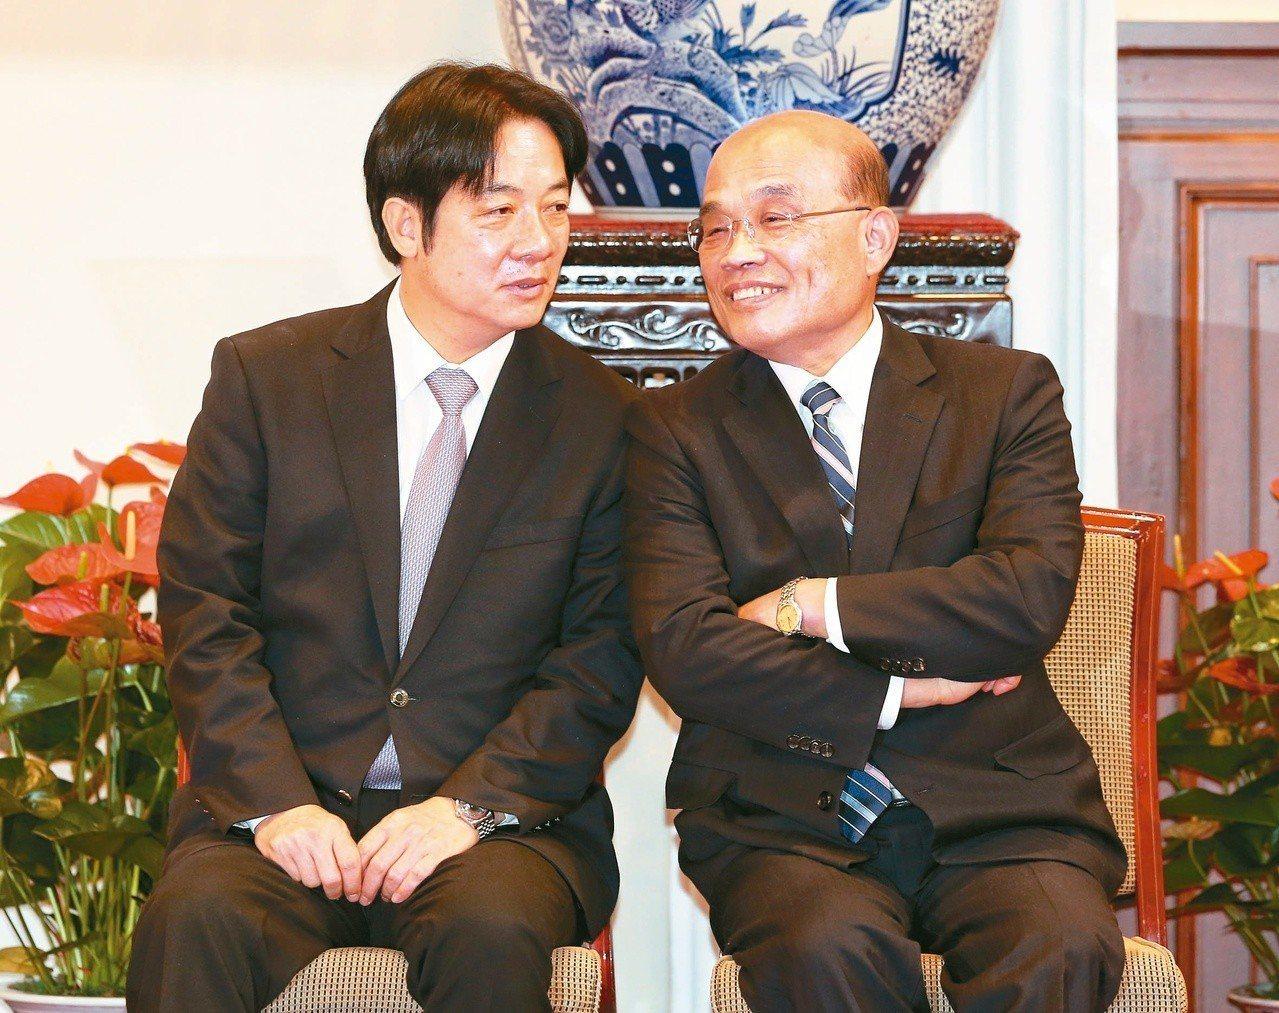 圖為賴、蘇日前一同出席總辭記者會,兩人比肩而坐、神情輕鬆。聯合報記者鄭清元/攝影